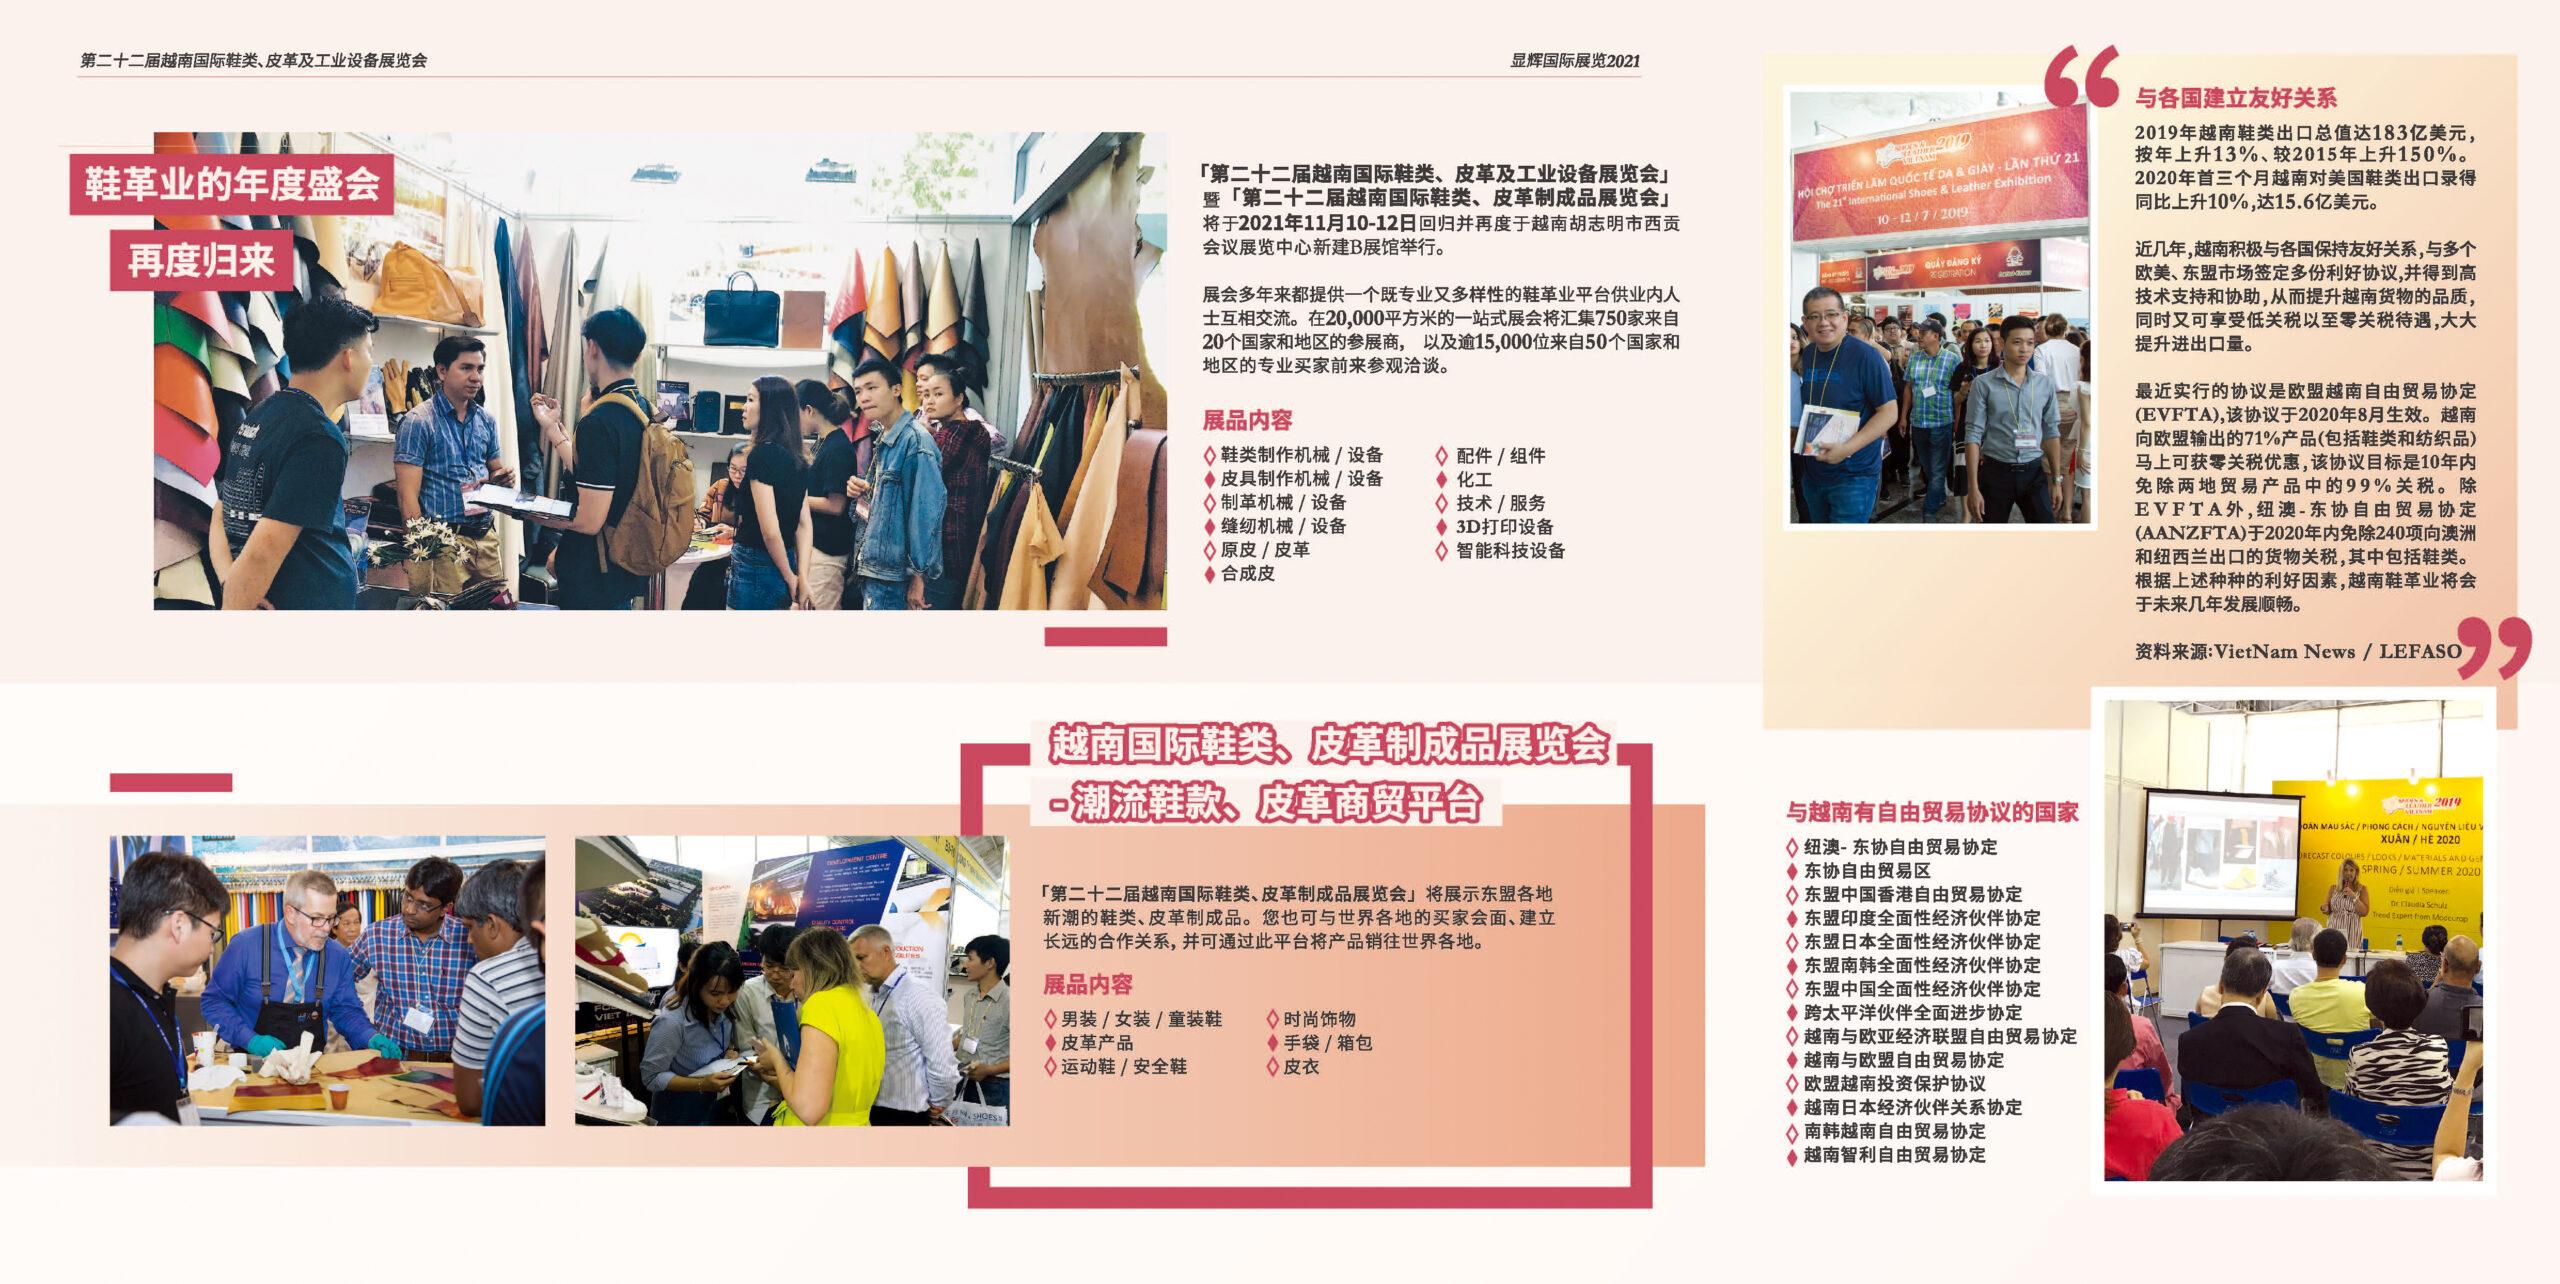 Shoes & Leather- Vietnam 2021 Brochure